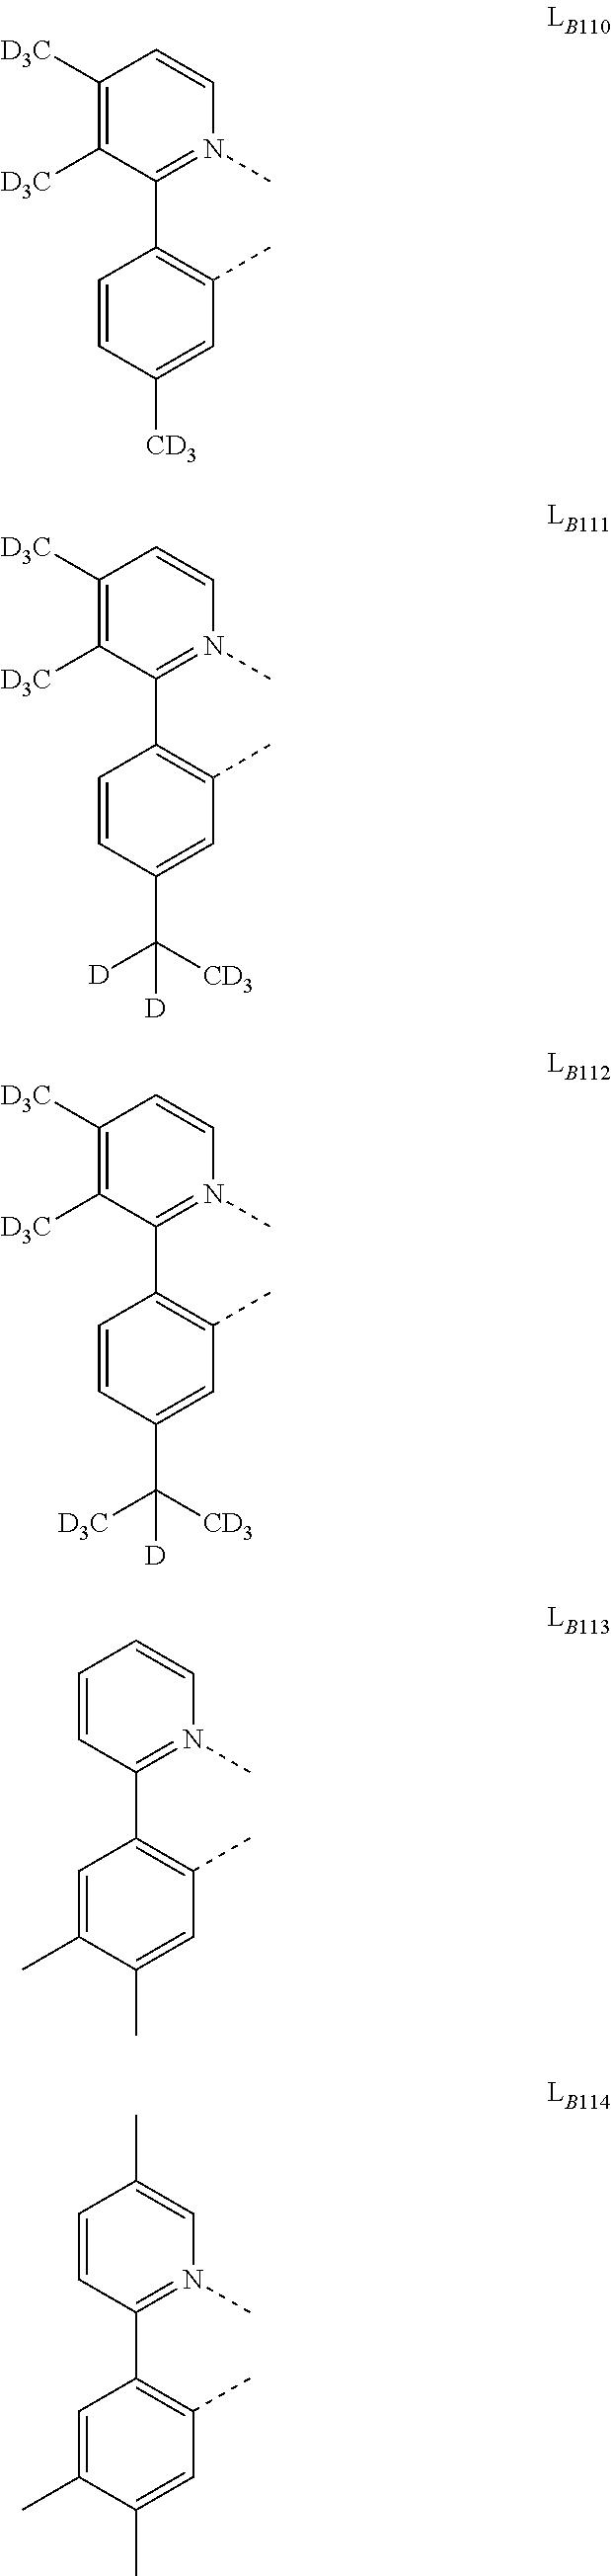 Figure US09929360-20180327-C00238